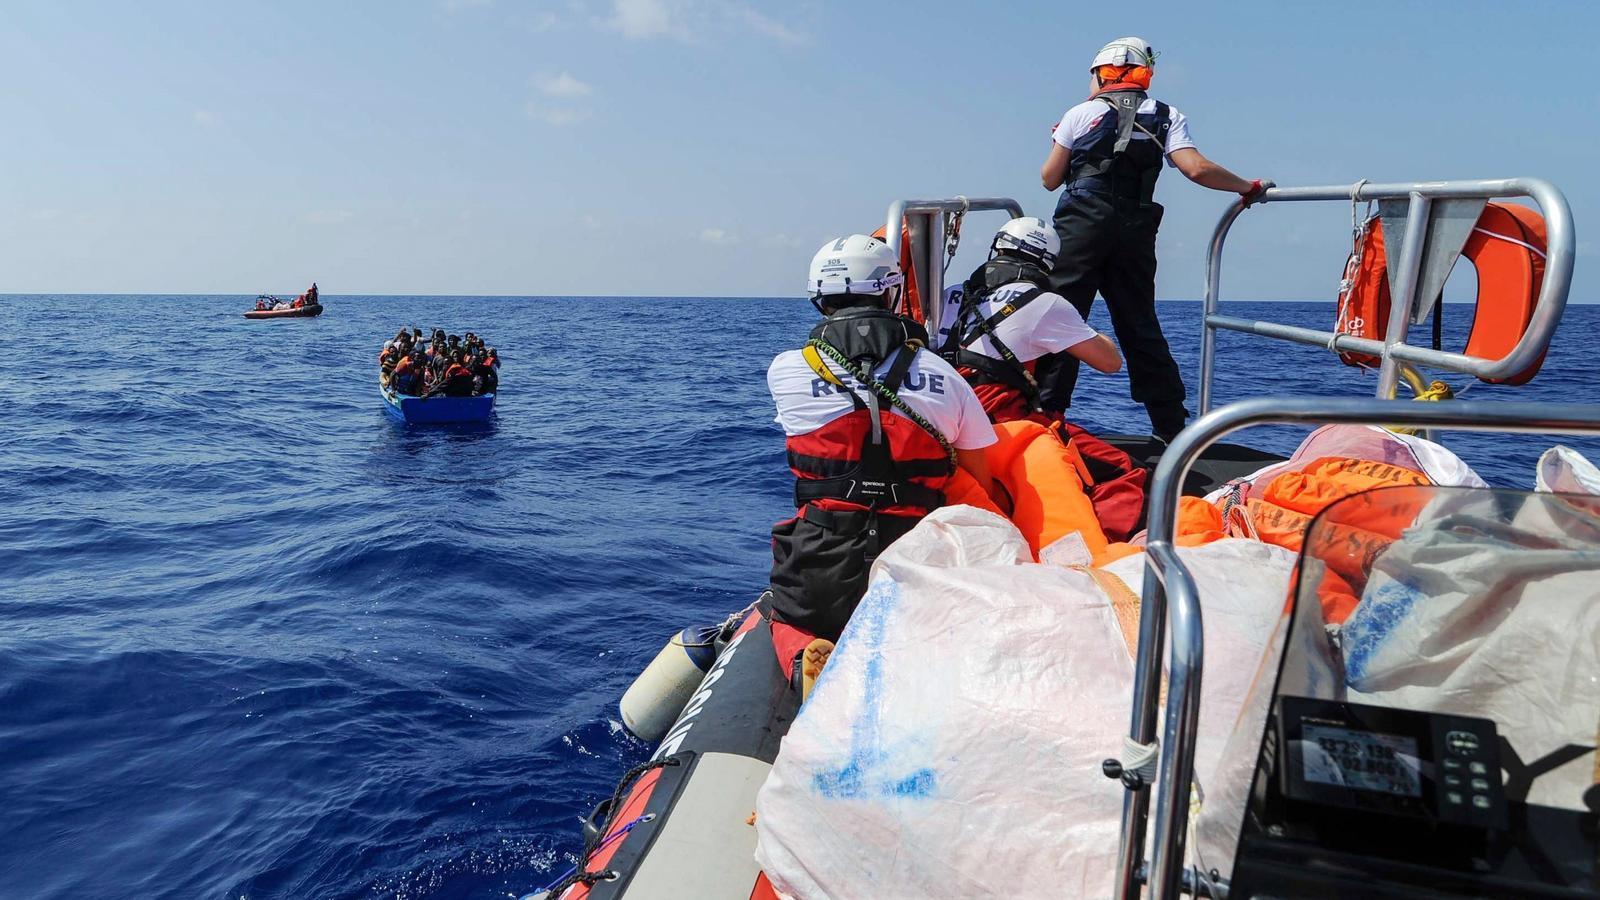 Fotografia cedida per l'ONG SOS Mediterranée  del moment en que diversos immigrants són rescatats per ser portats a bord del vaixell de rescat Aquarius el 10 d'agost del 2018